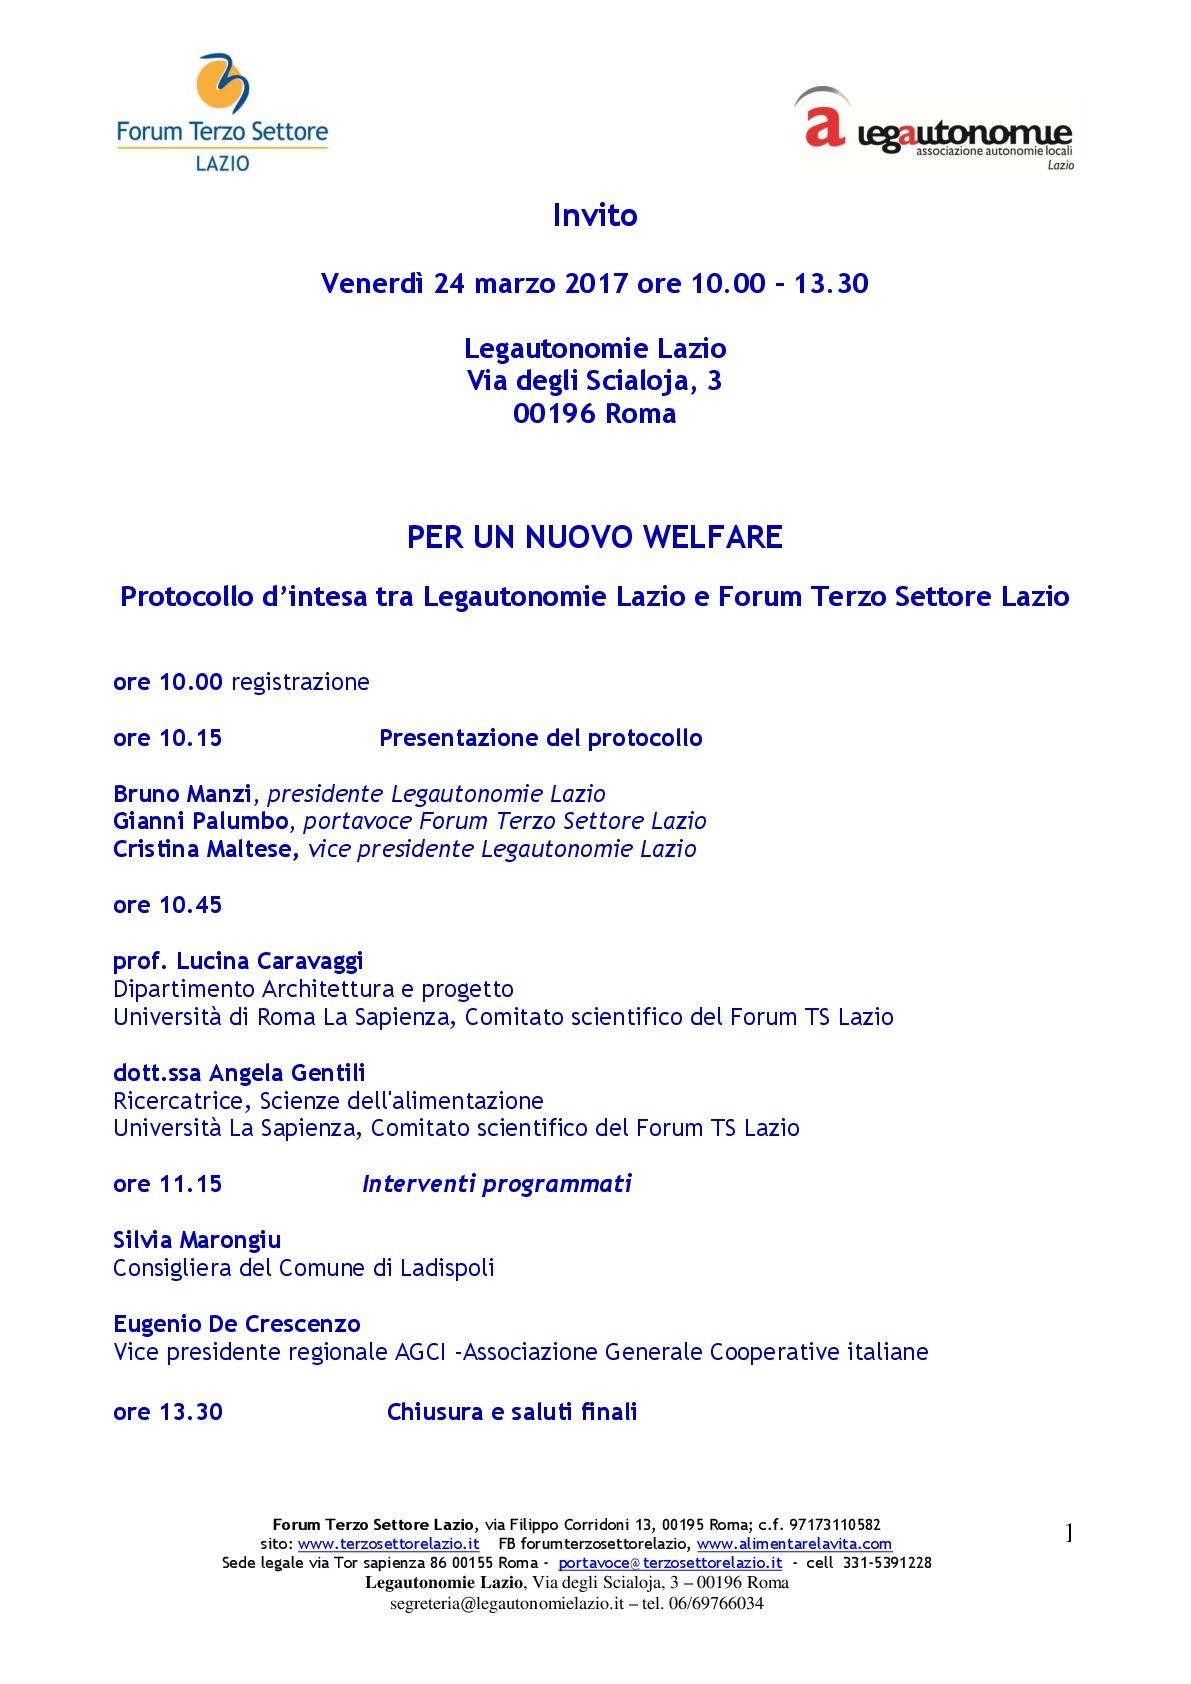 Per un nuovo welfare. Case della sussidiarietà e dei Beni comuni – presentazione del protocollo firmato da Forum TS Lazio e LegautonomieLazio